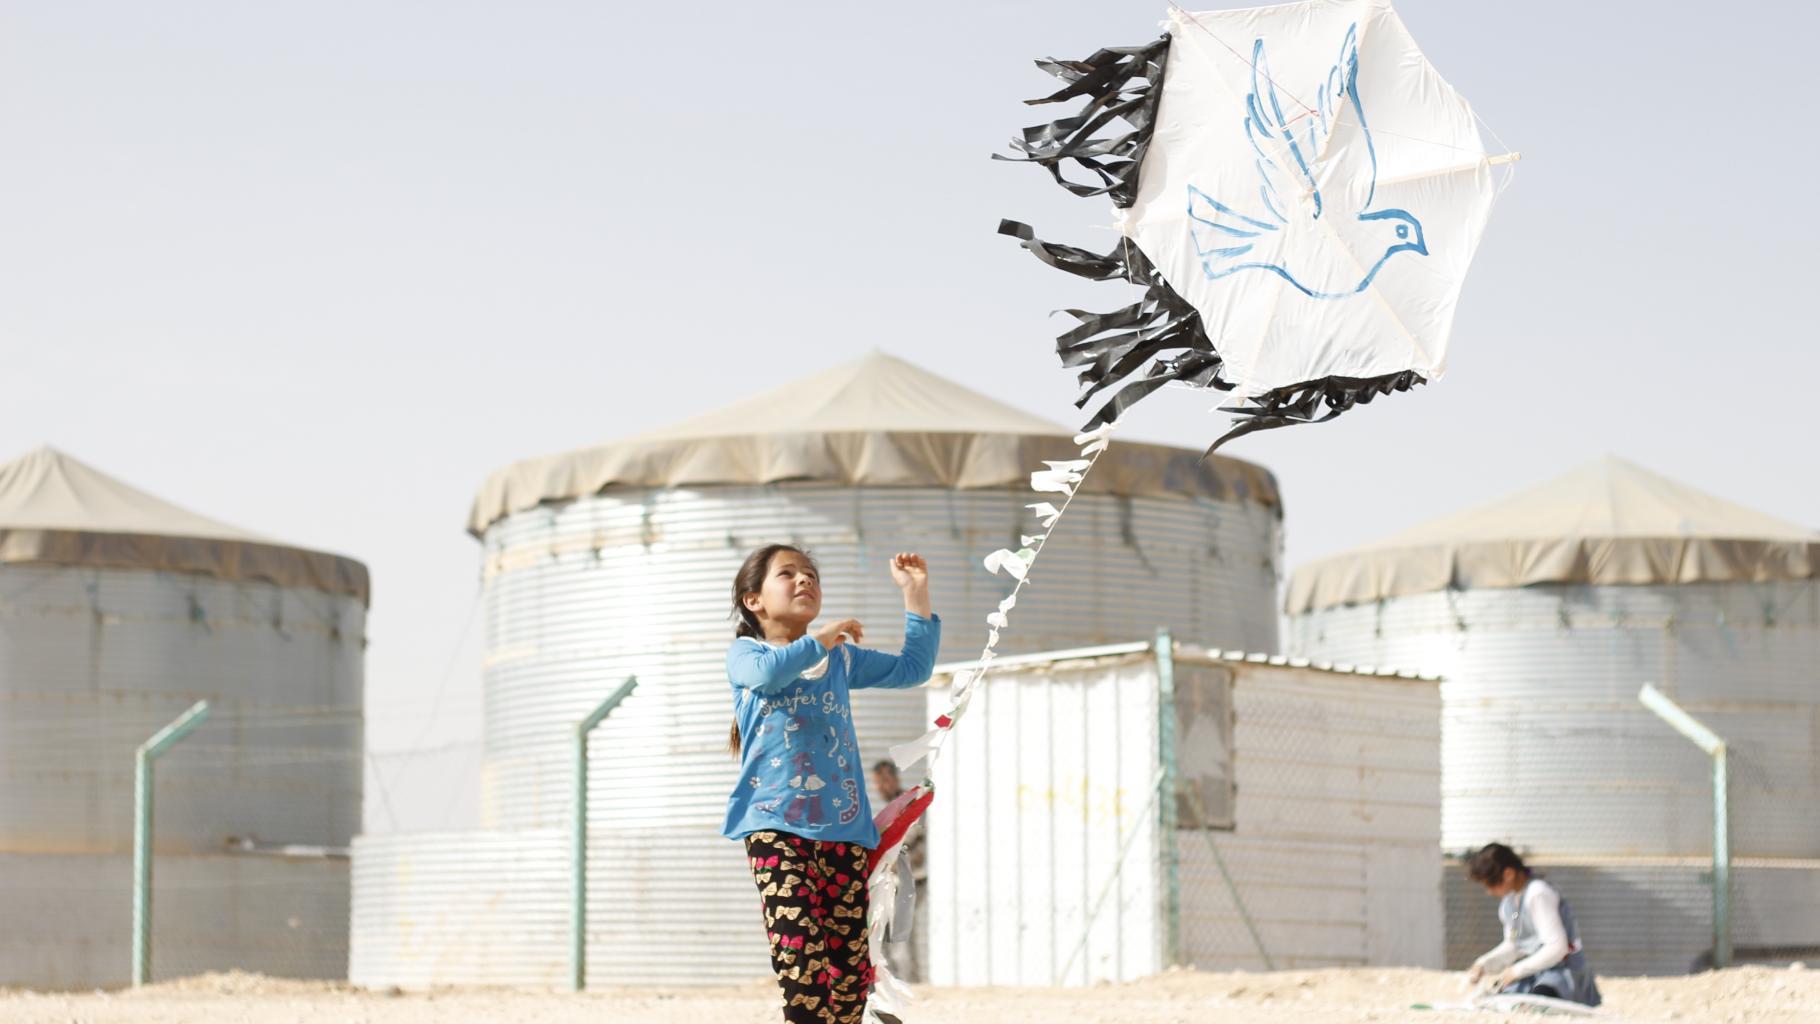 Mädchen mit Drachem im Flüchtlingscamp Zaatari. Auf dem Drachen ist eine Friedenstaube aufgemalt.